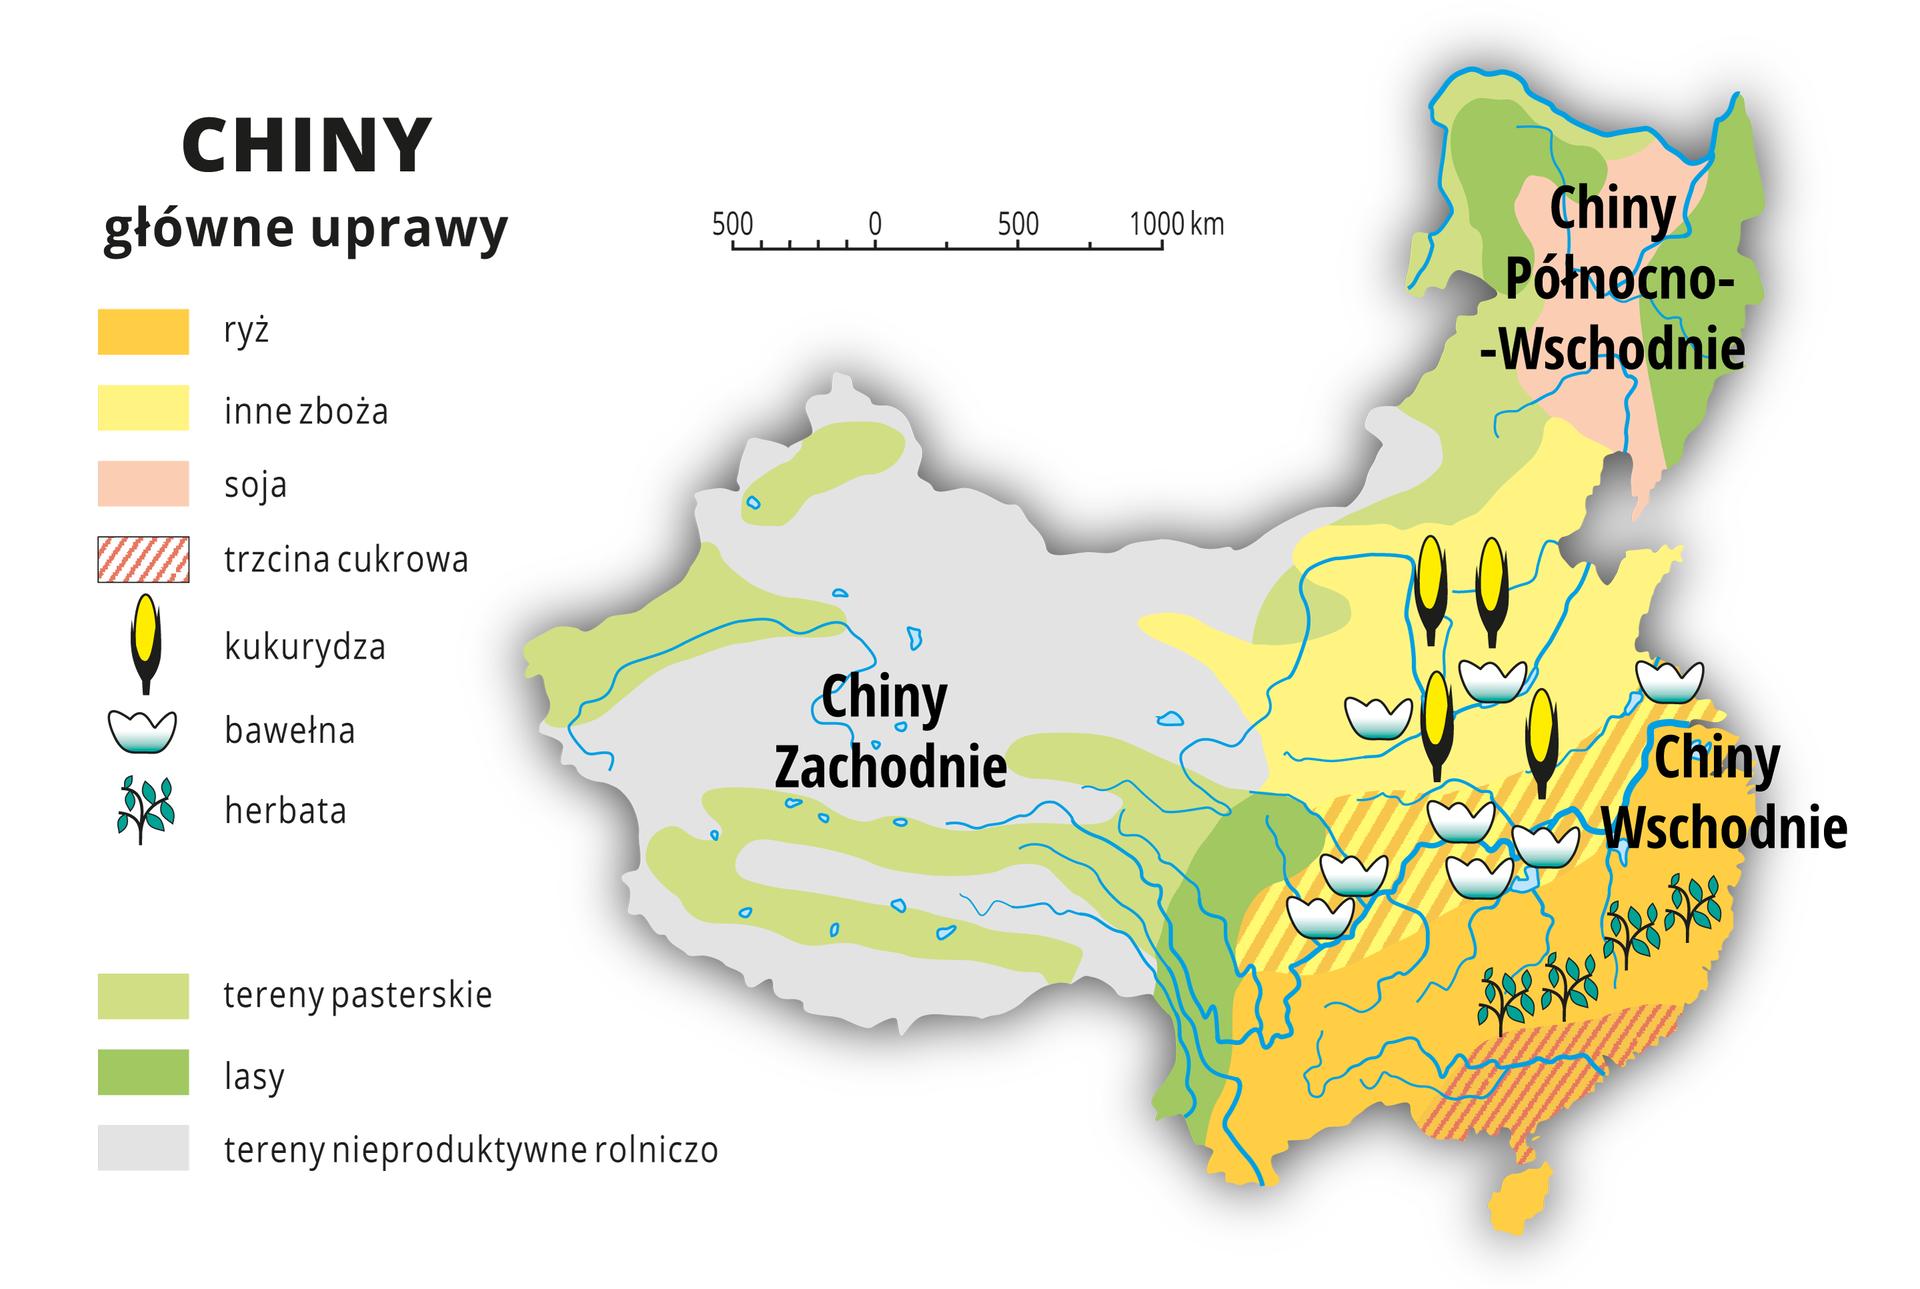 Ilustracja przedstawia mapę rolnictwa Chin. Na mapie kolorami isygnaturami przedstawiono główne uprawy. Chiny Wschodnie – ryż, inne zboża, herbata, bawełna ikukurydza. Chiny Zachodnie – tereny pasterskie, przewaga terenów nieproduktywnych rolniczo. Chiny Północno-Wschodnie – lasy itereny pasterskie, uprawa soi. Wlegendzie opisano kolory iznaki użyte na mapie.